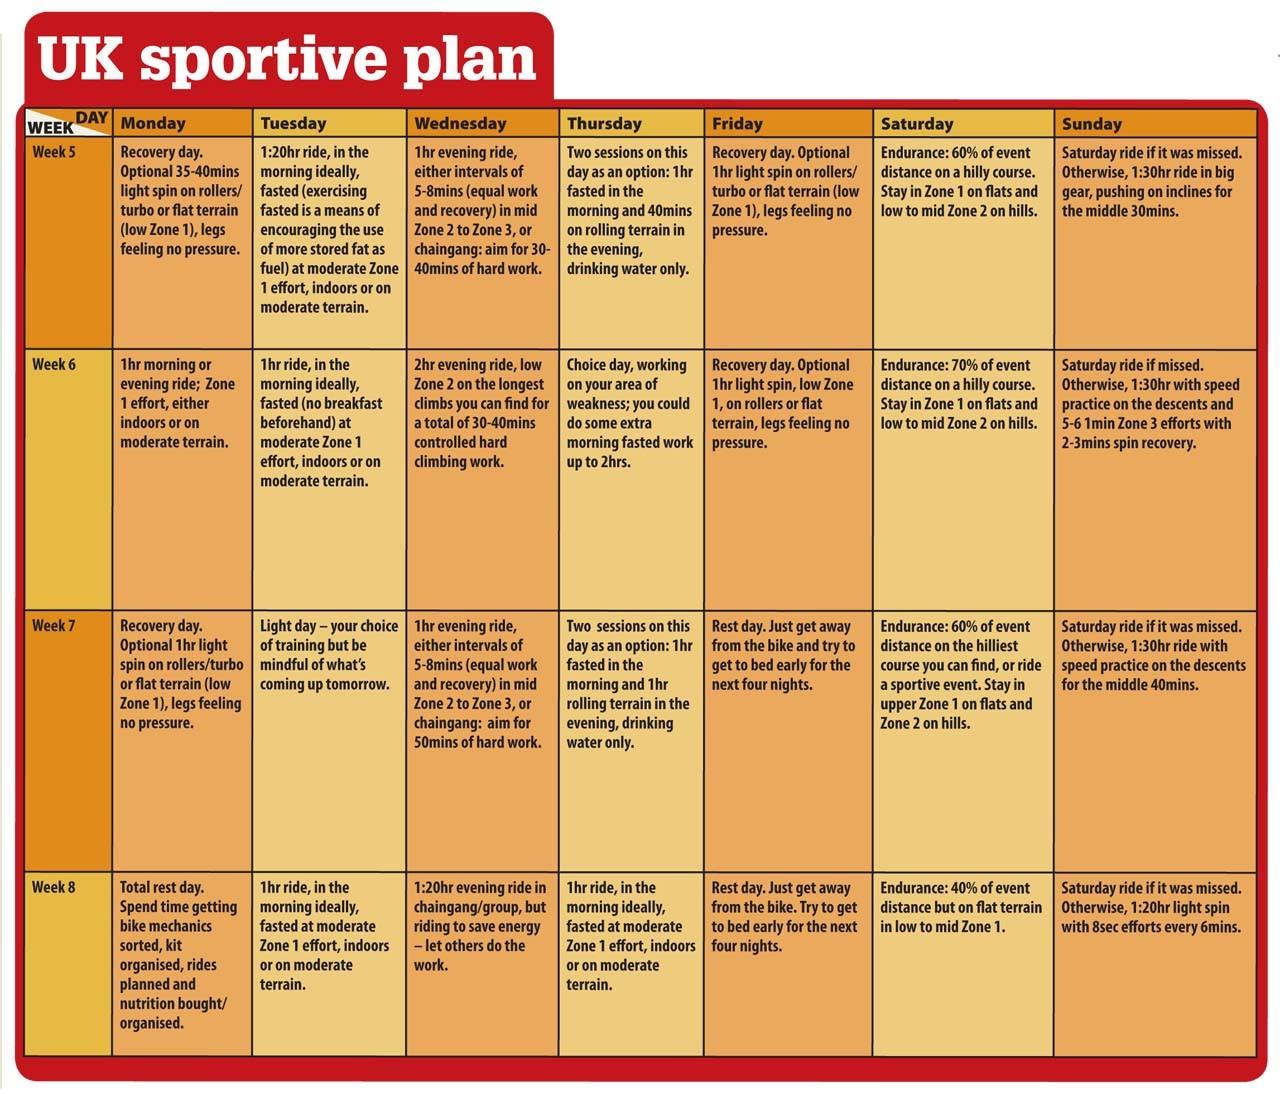 UK sportive plan